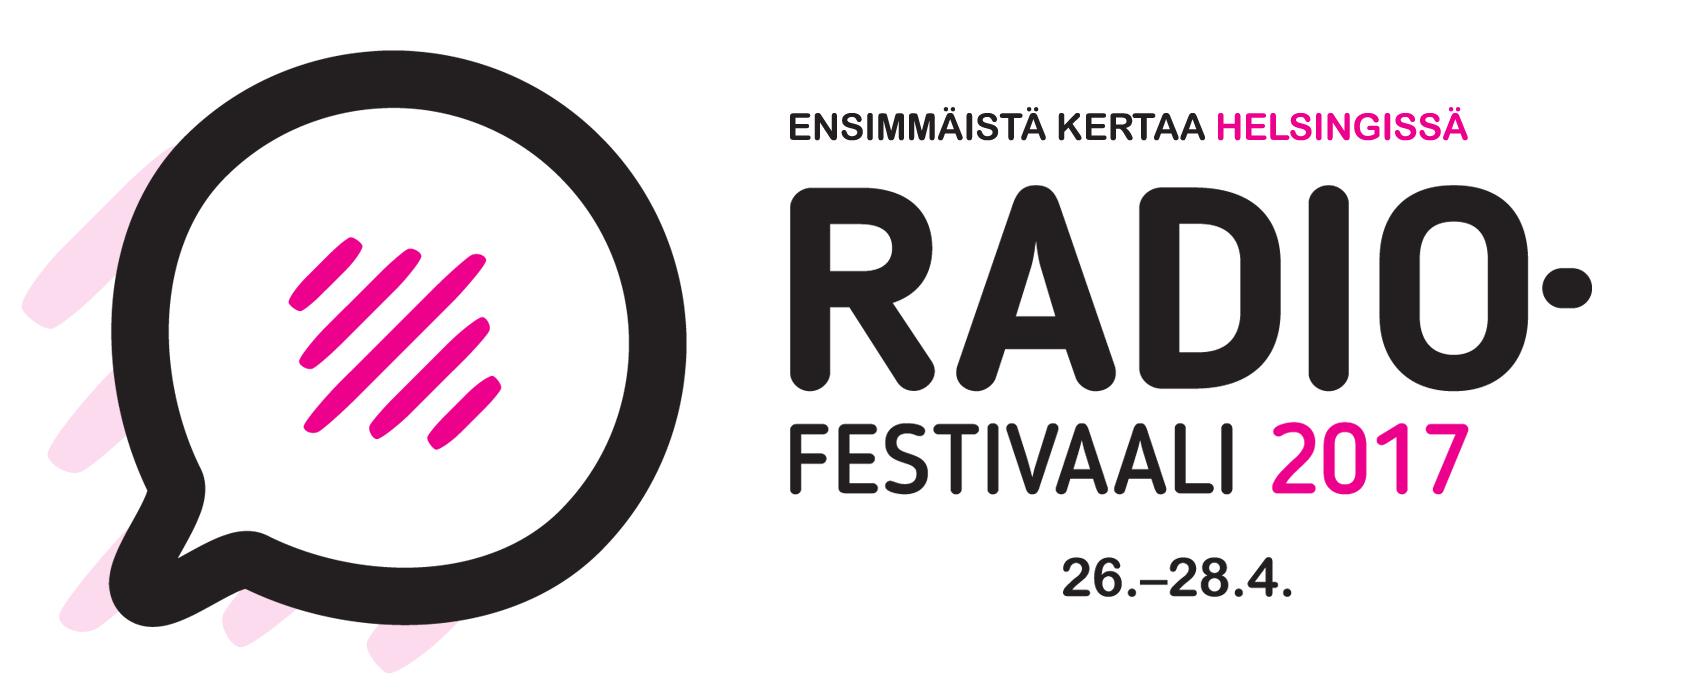 Radiofestivaali 2017